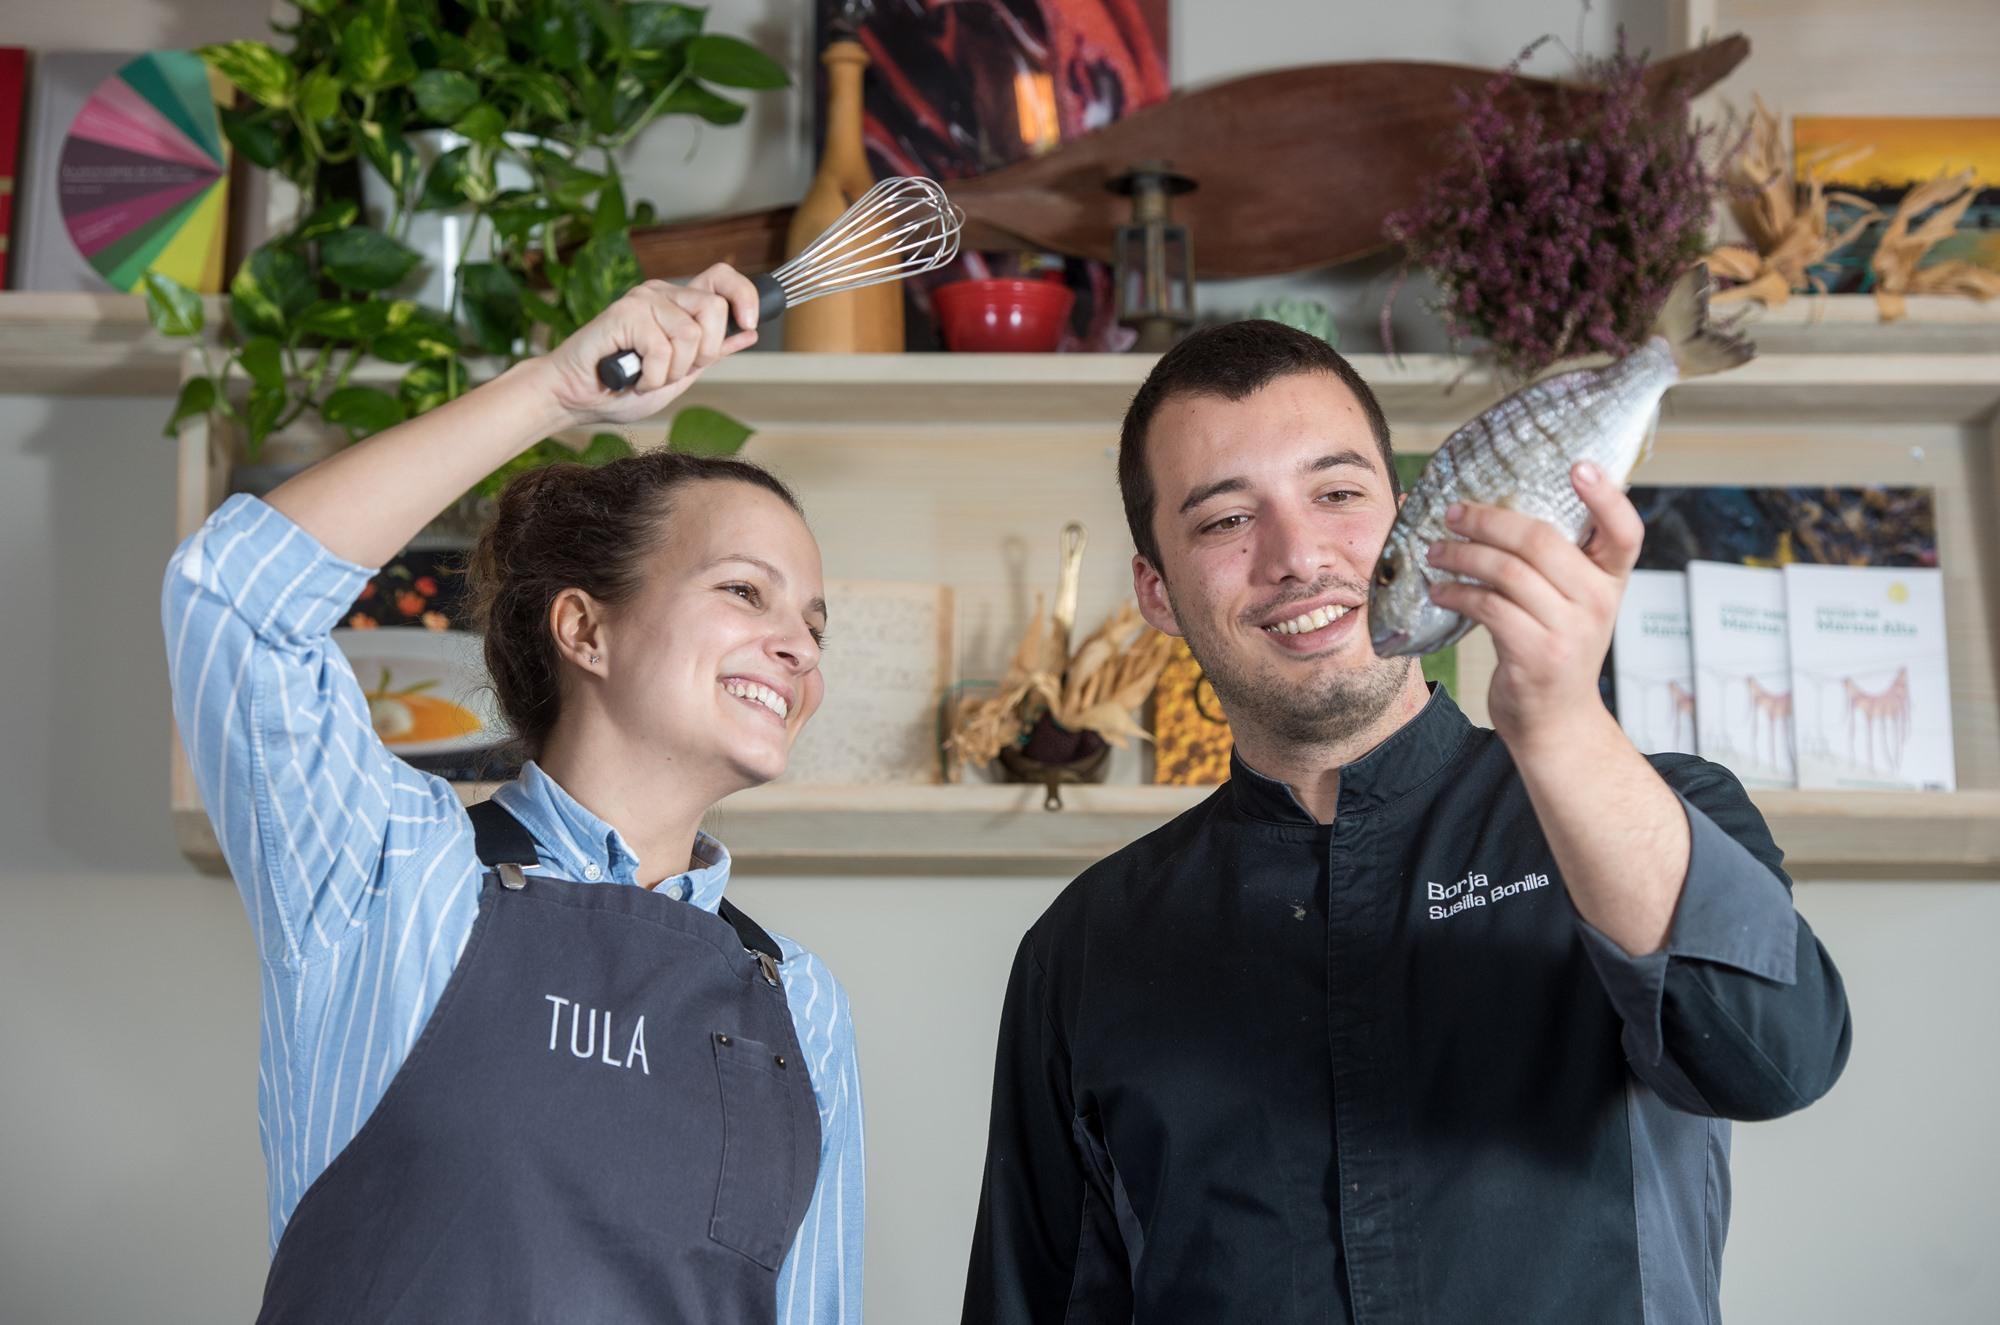 Restaurante 'Tula' (Jávea, Alicante)